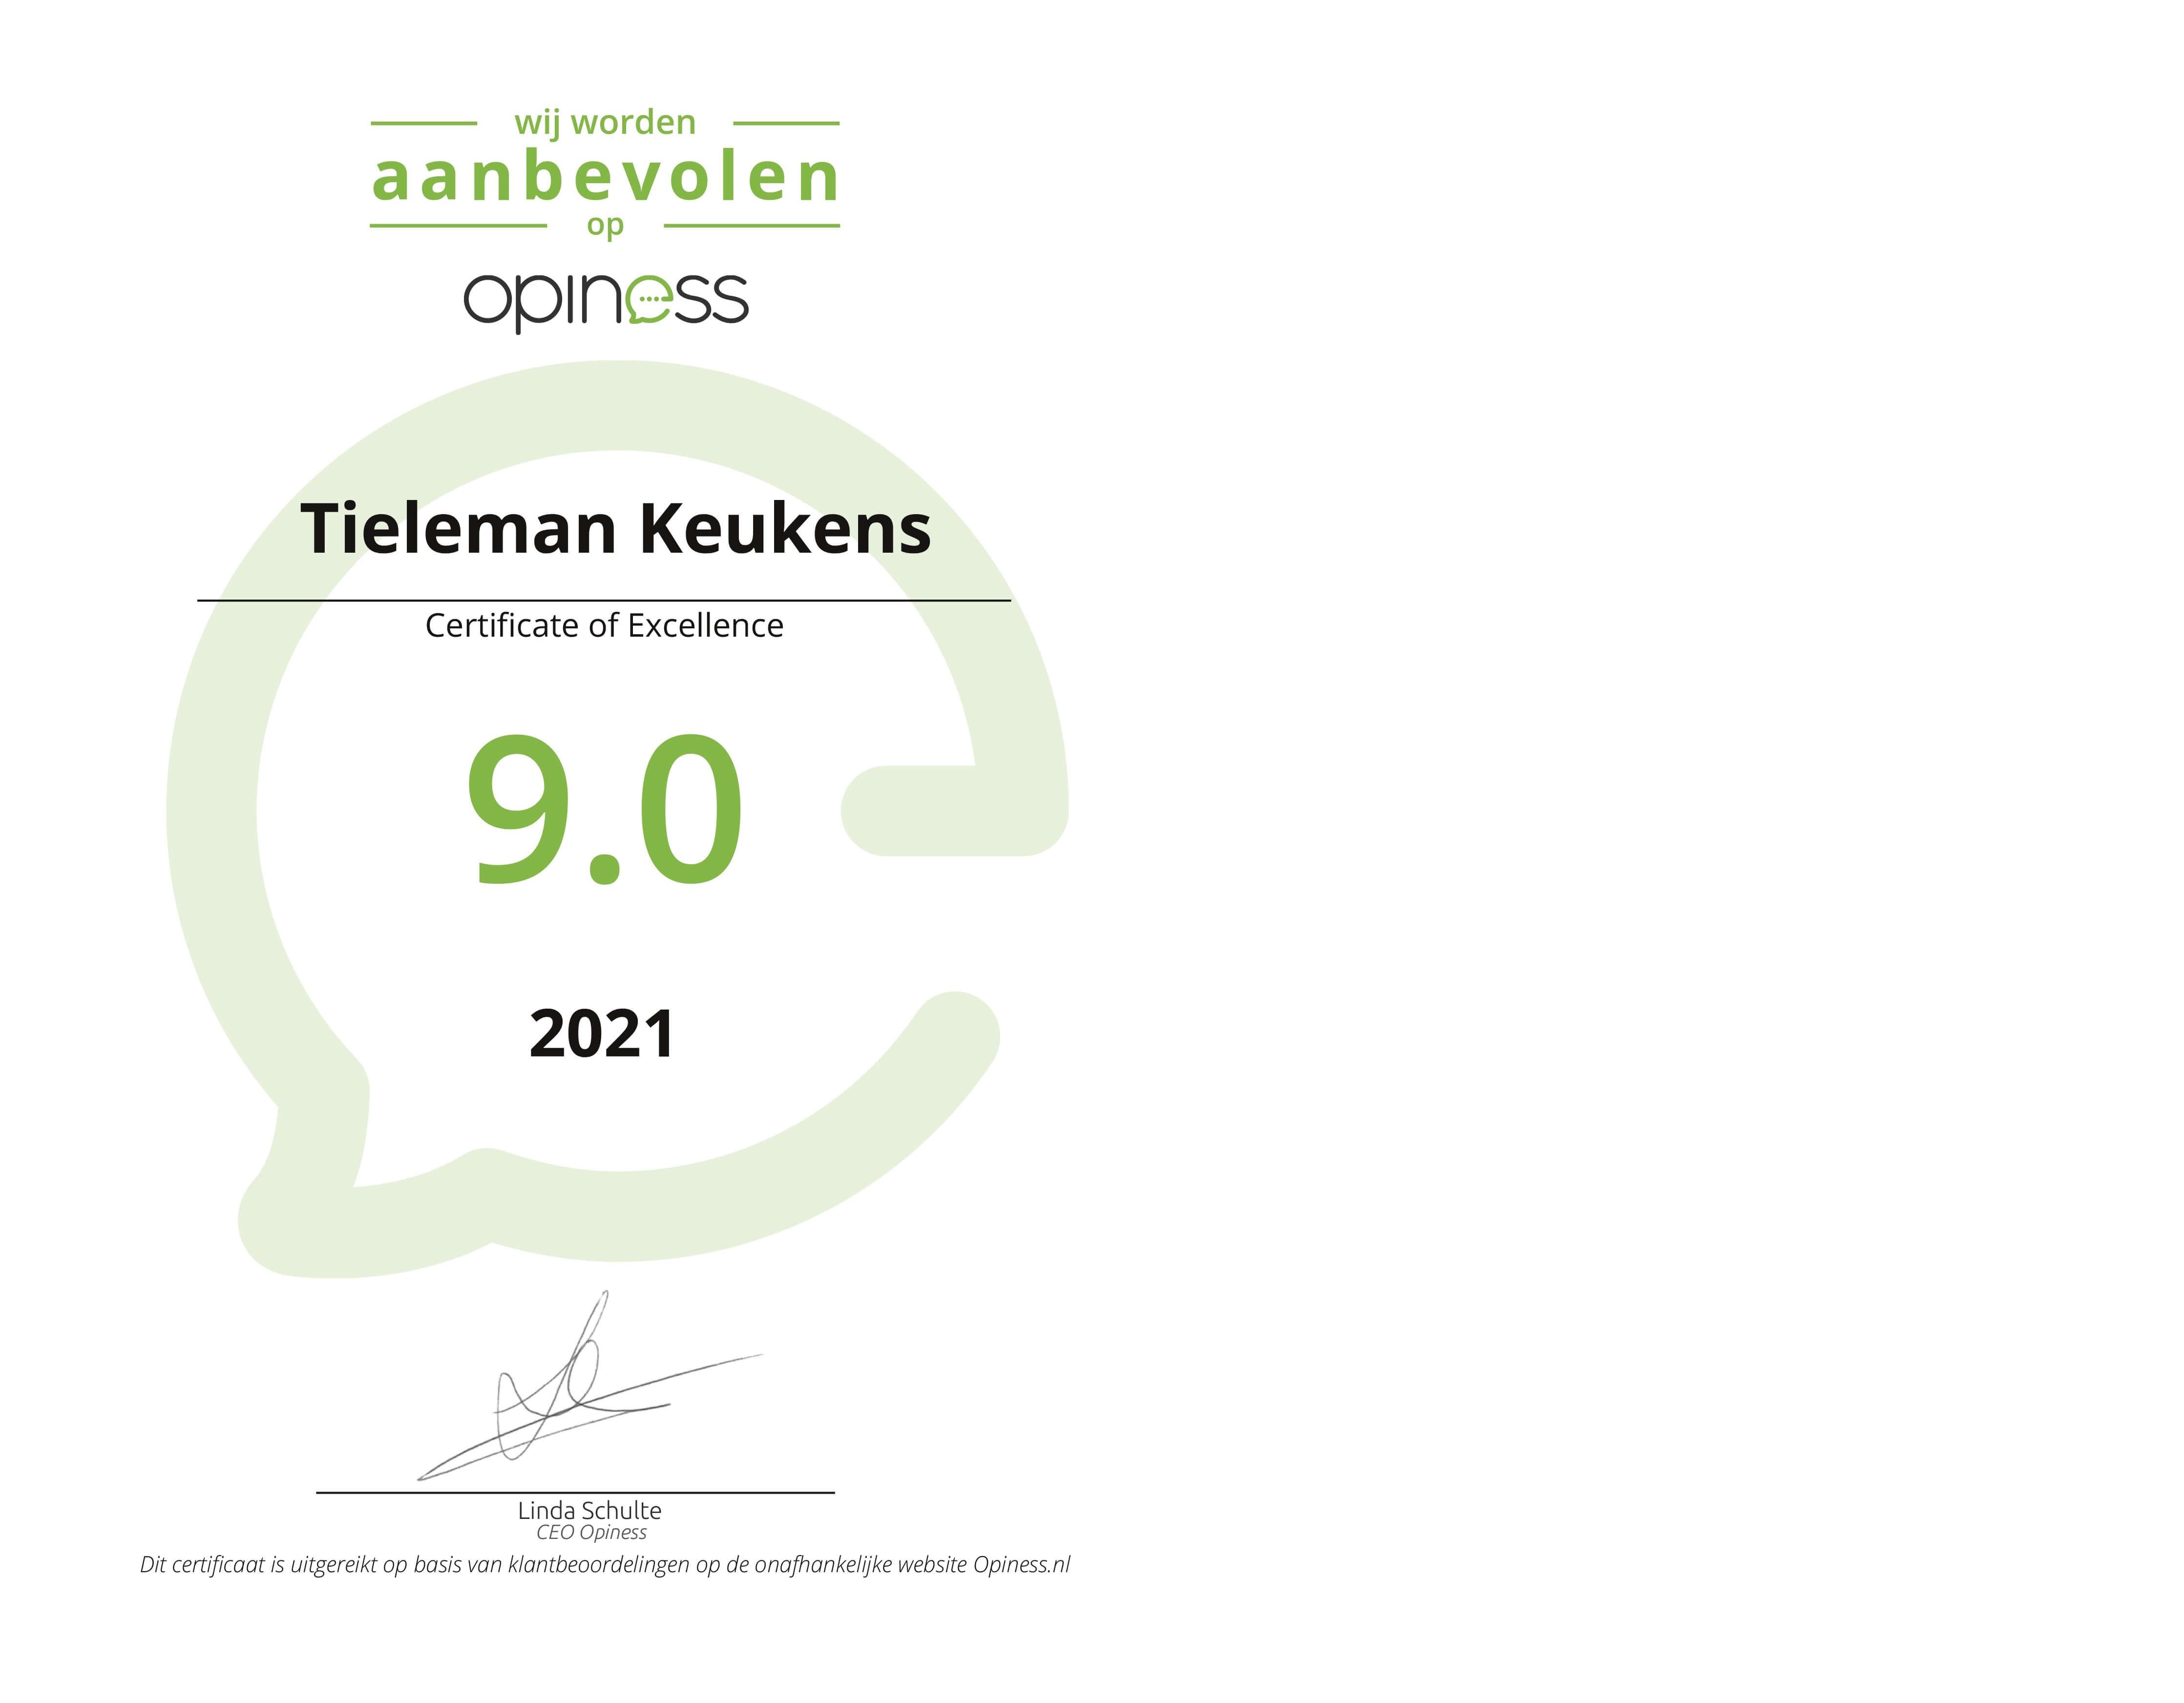 Certificaat Opiness Tieleman Keukens